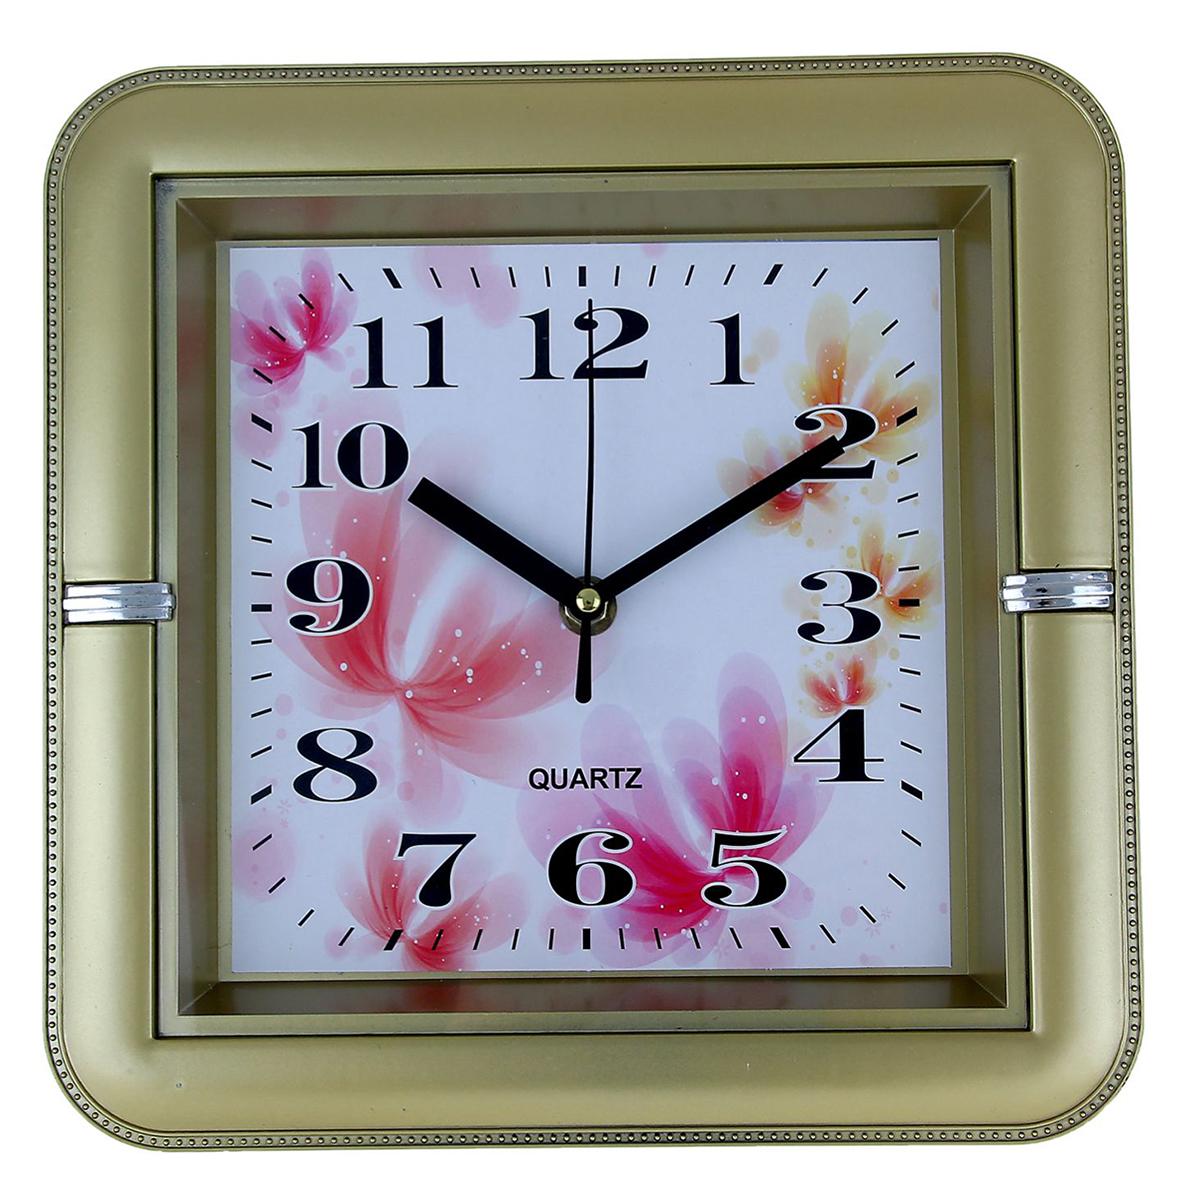 Часы настенные Золотые, 26 х 26 см1138770Каждому хозяину периодически приходит мысль обновить свою квартиру, сделать ремонт, перестановку или кардинально поменять внешний вид каждой комнаты. Часы настенные Весенние цветы, квадратные с закругленными углами, 26 ? 26 см, рама золотистая — привлекательная деталь, которая поможет воплотить вашу интерьерную идею, создать неповторимую атмосферу в вашем доме. Окружите себя приятными мелочами, пусть они радуют глаз и дарят гармонию.Часы настенные квадратные закругленные углы Золотые 26х4х26 см 1138770